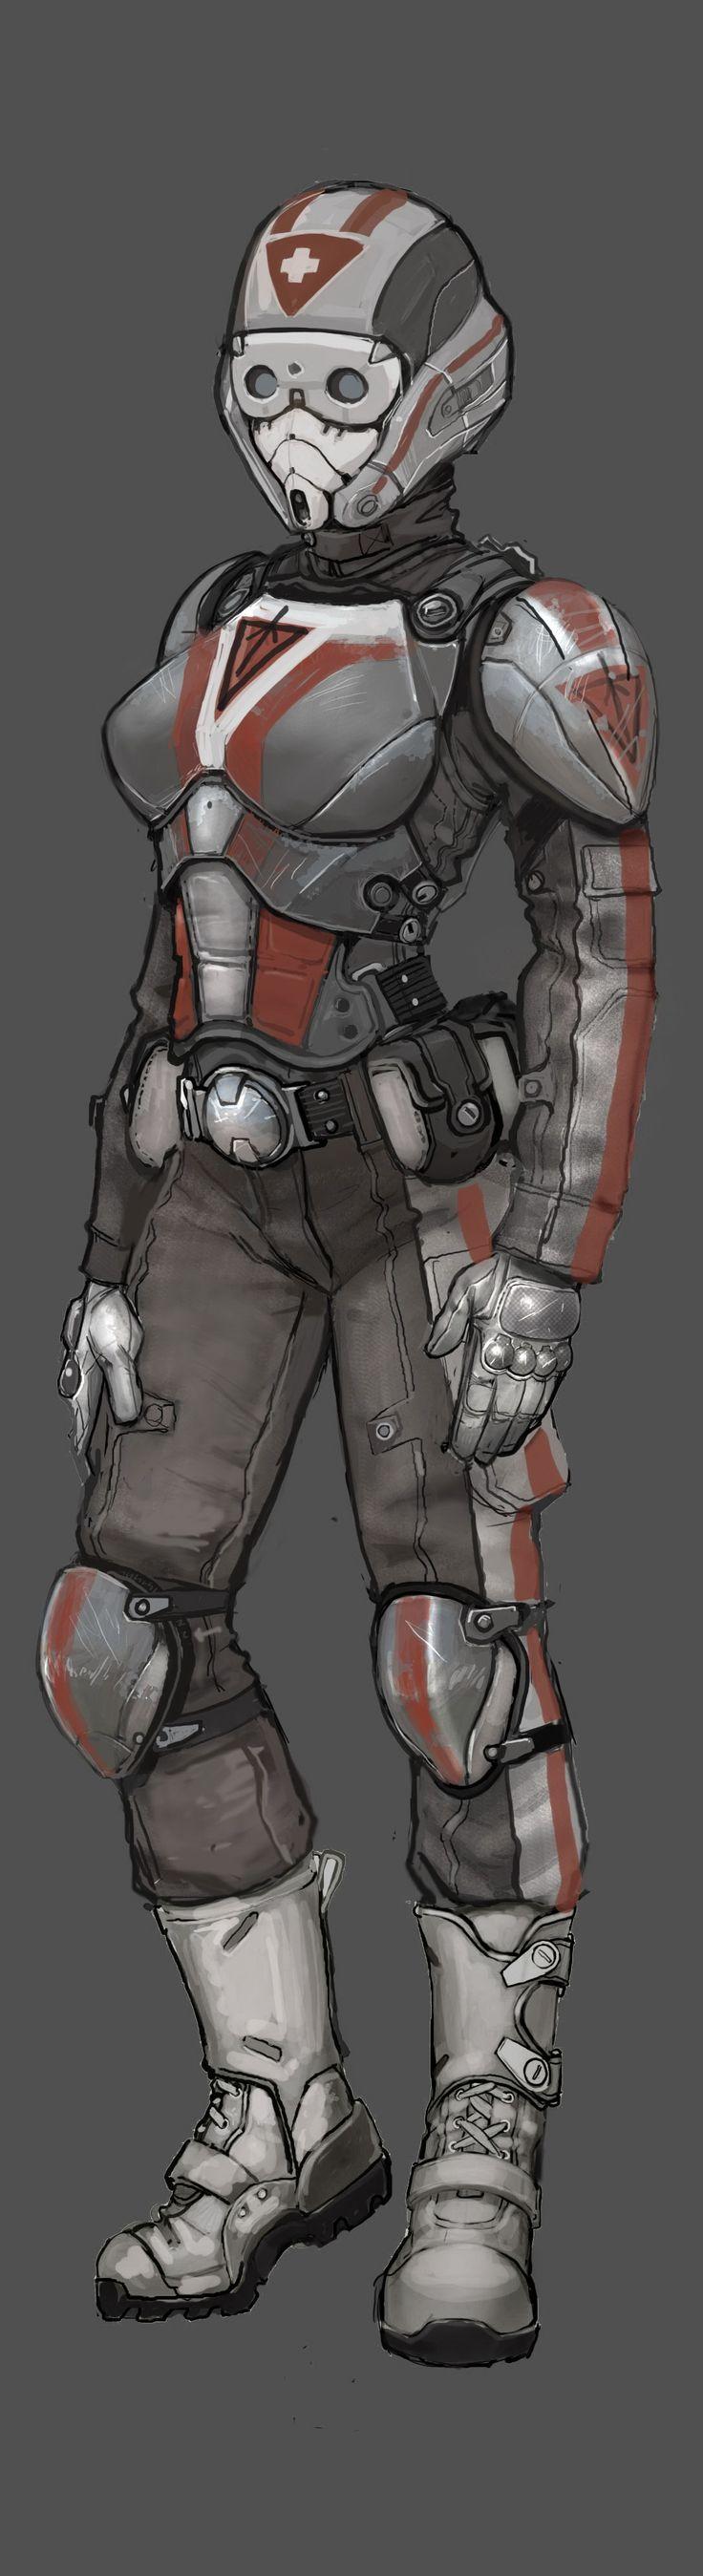 PlanetSide 2 | Female TR Medic